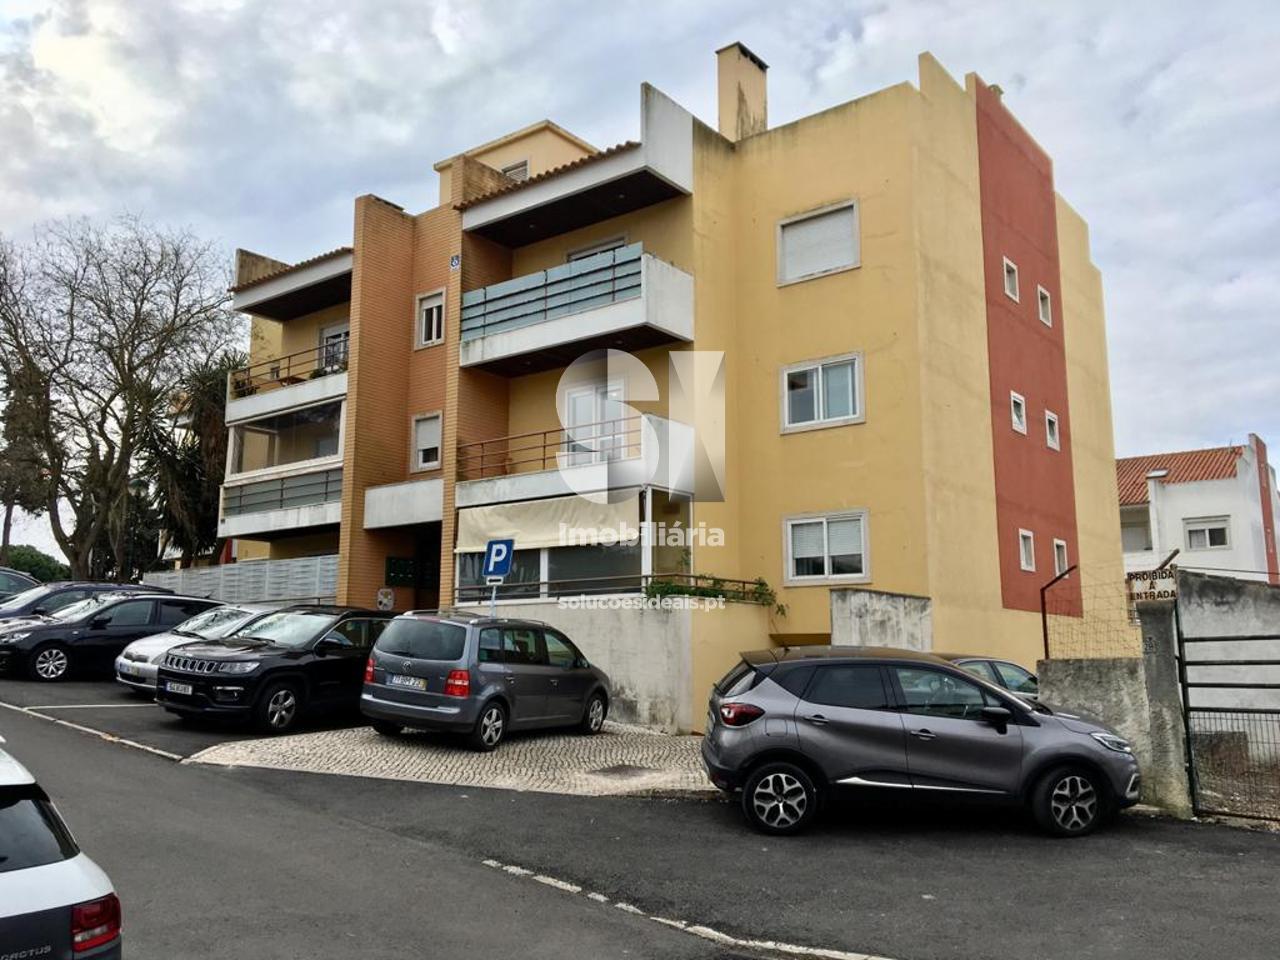 apartamento t3 para compra em oeiras uniao das freguesias de oeiras e sao juliao da barra paco de arcos e caxias LVASL233